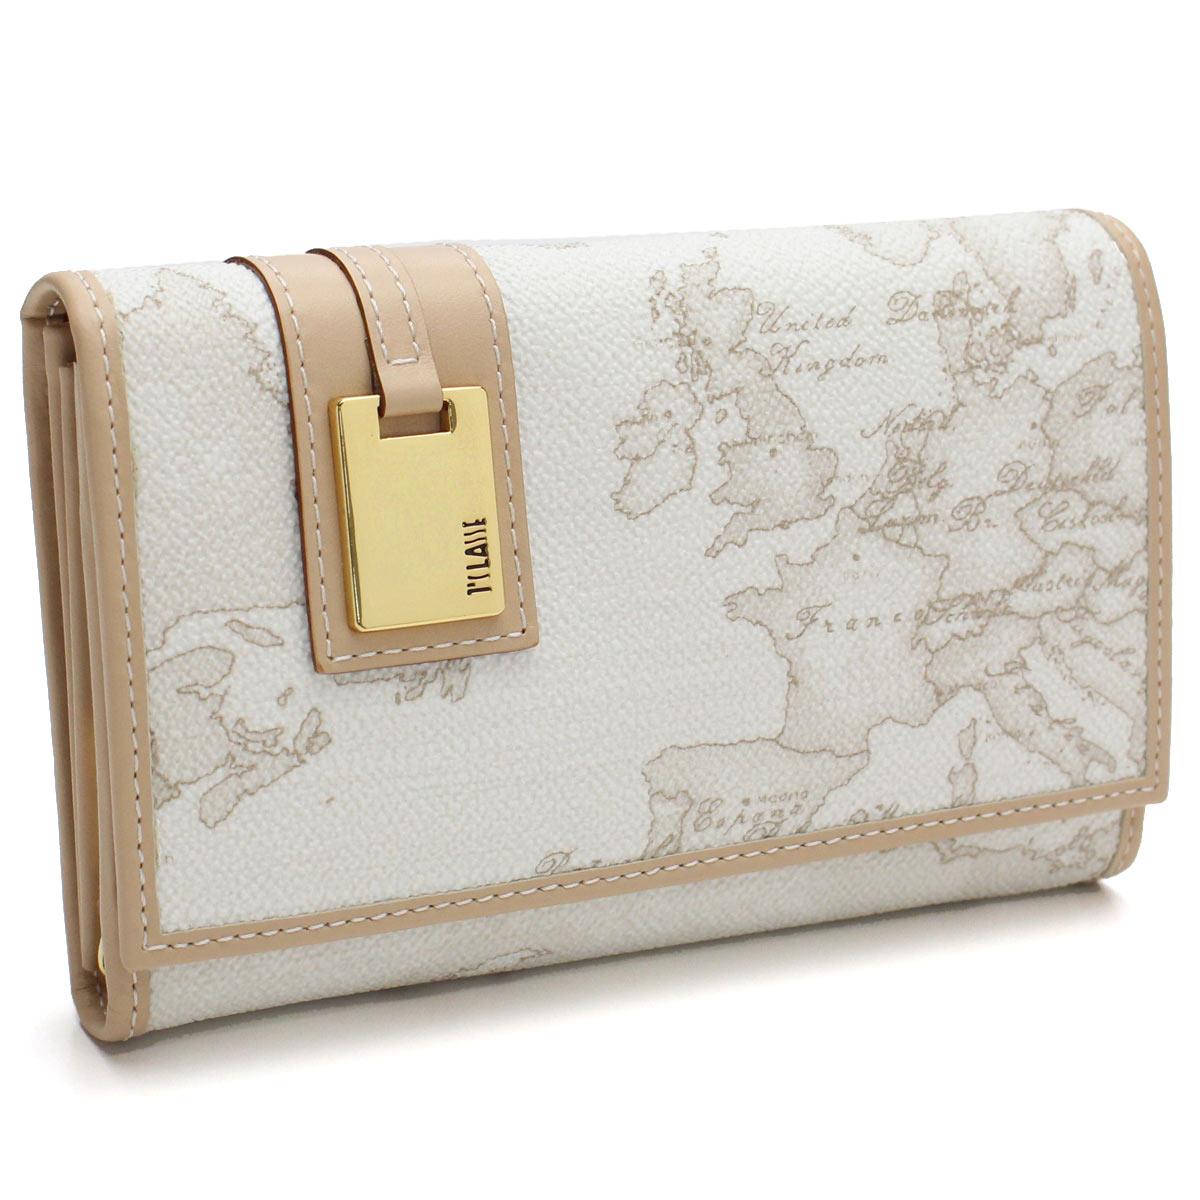 プリマクラッセ PRIMA CLASSE 財布 2つ折り財布 小銭入れ付き 地図柄 W025 6188 WHITE ホワイト系 ベージュ系 レディース